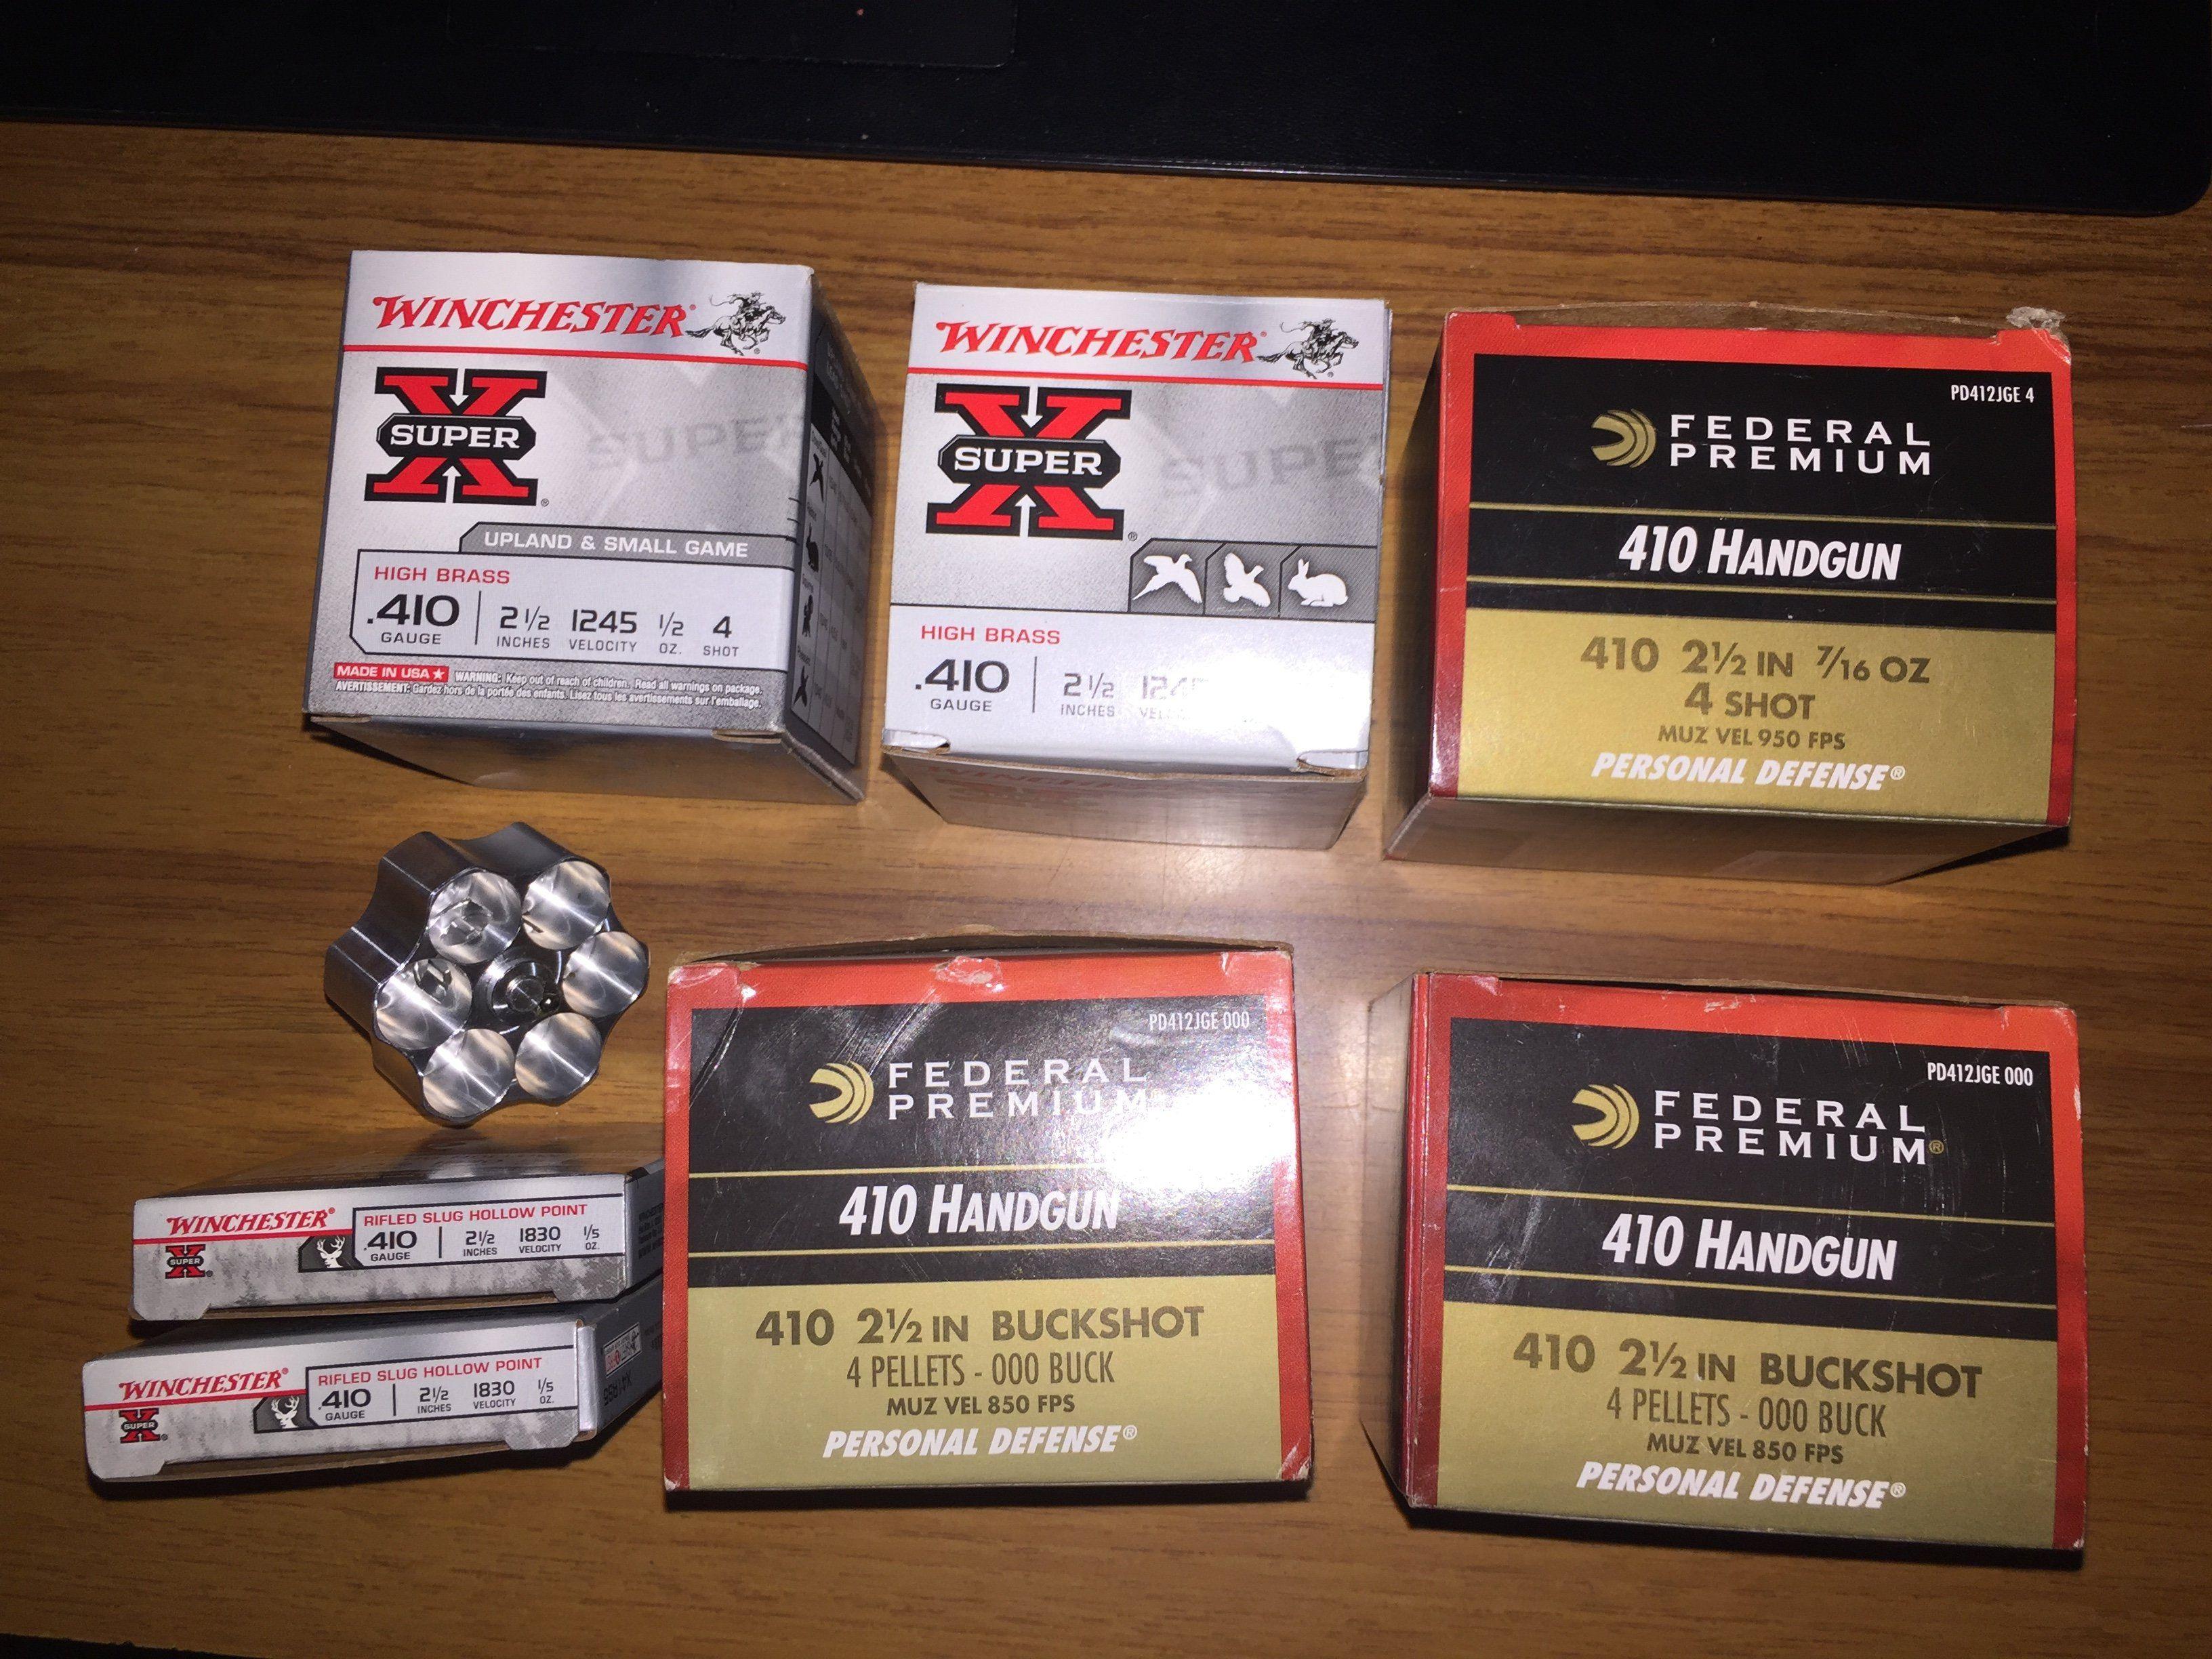 99522047-D262-4D26-A14A-61FF29F7F4E1.jpeg